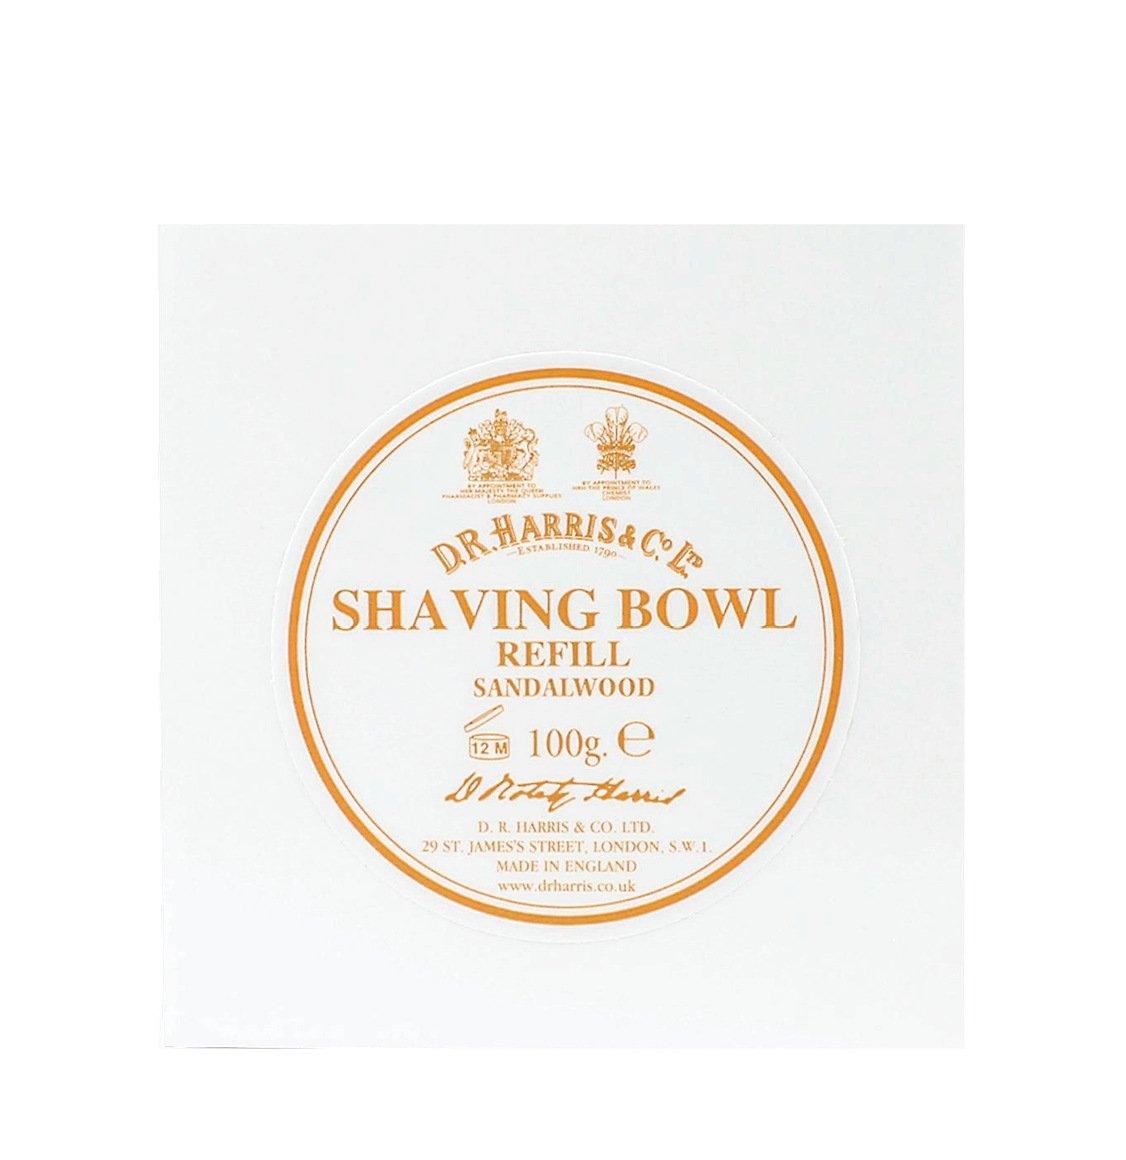 D R Harris Sandalwood Shaving Soap Refill 100g